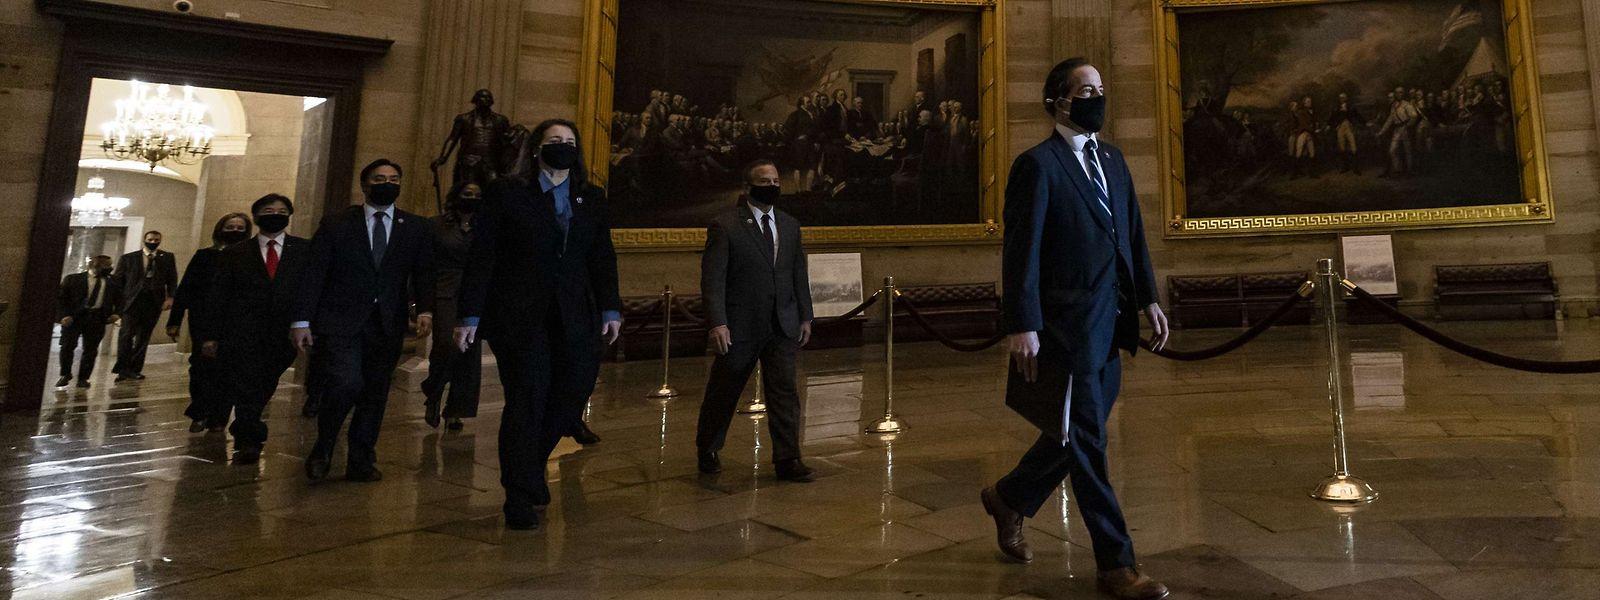 """Feierlich; Die """"Impeachment-Prozession"""" auf dem Weg in den Senat."""